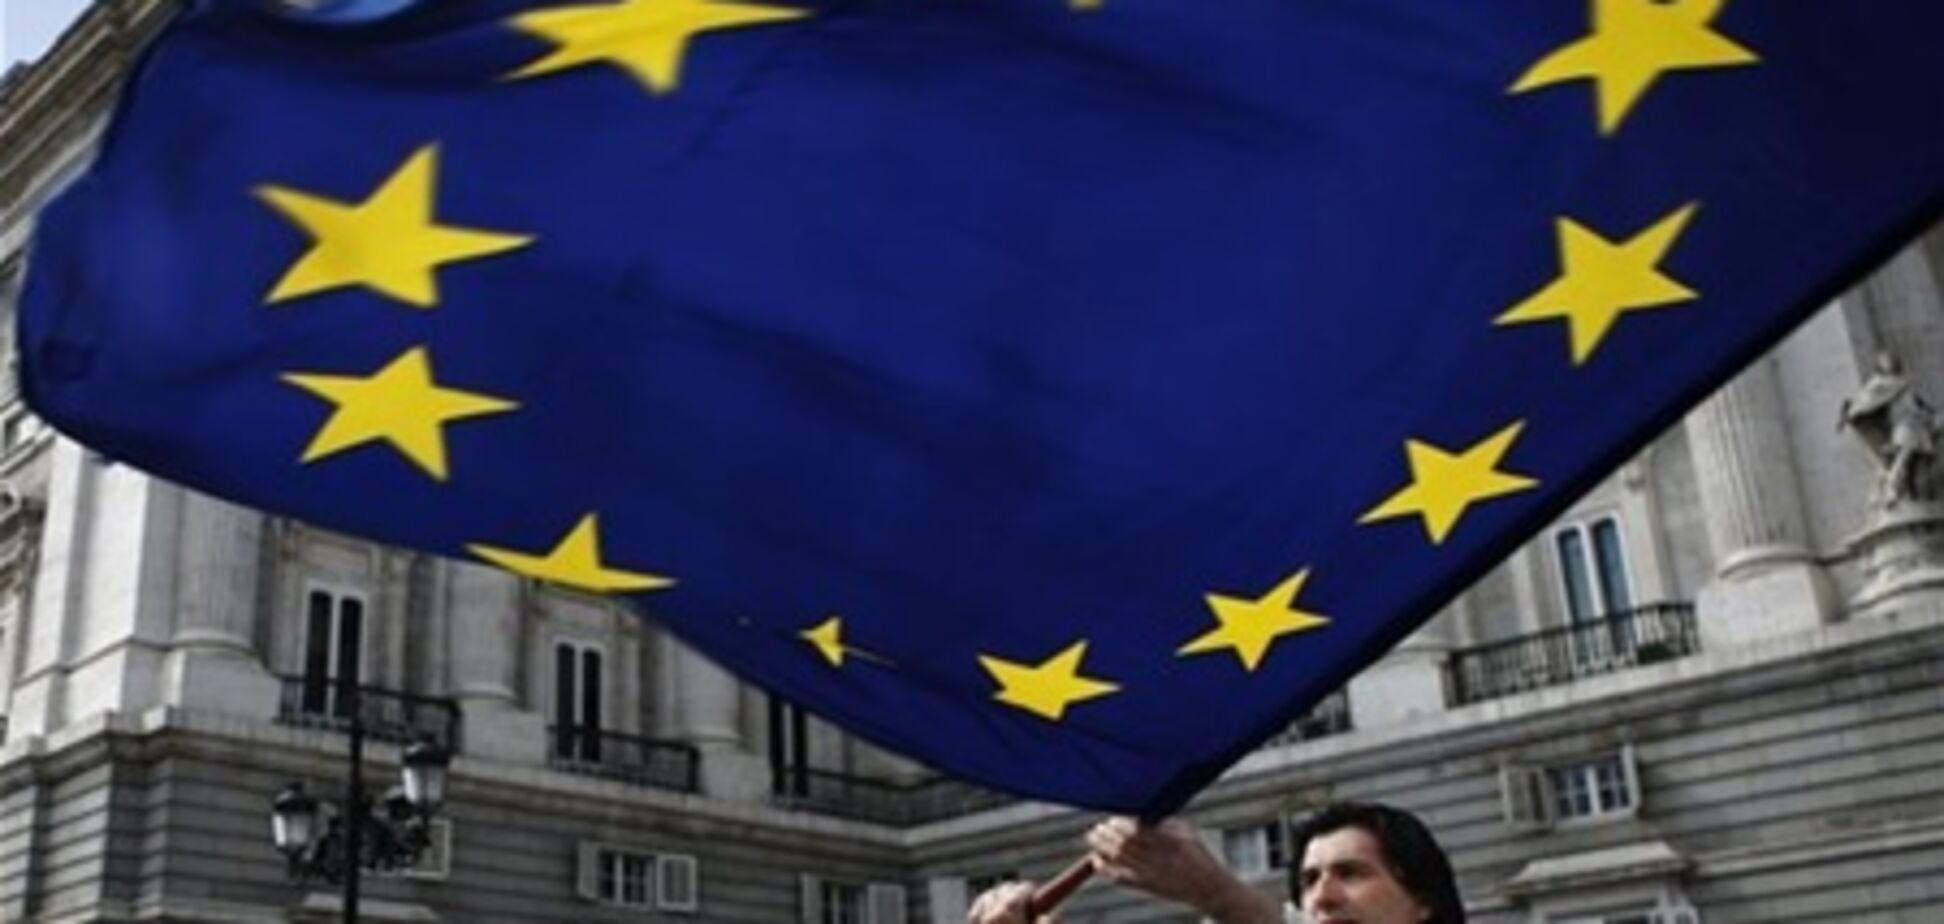 ЄС: допомога Білорусі не пов'язана із звільненням політв'язнів